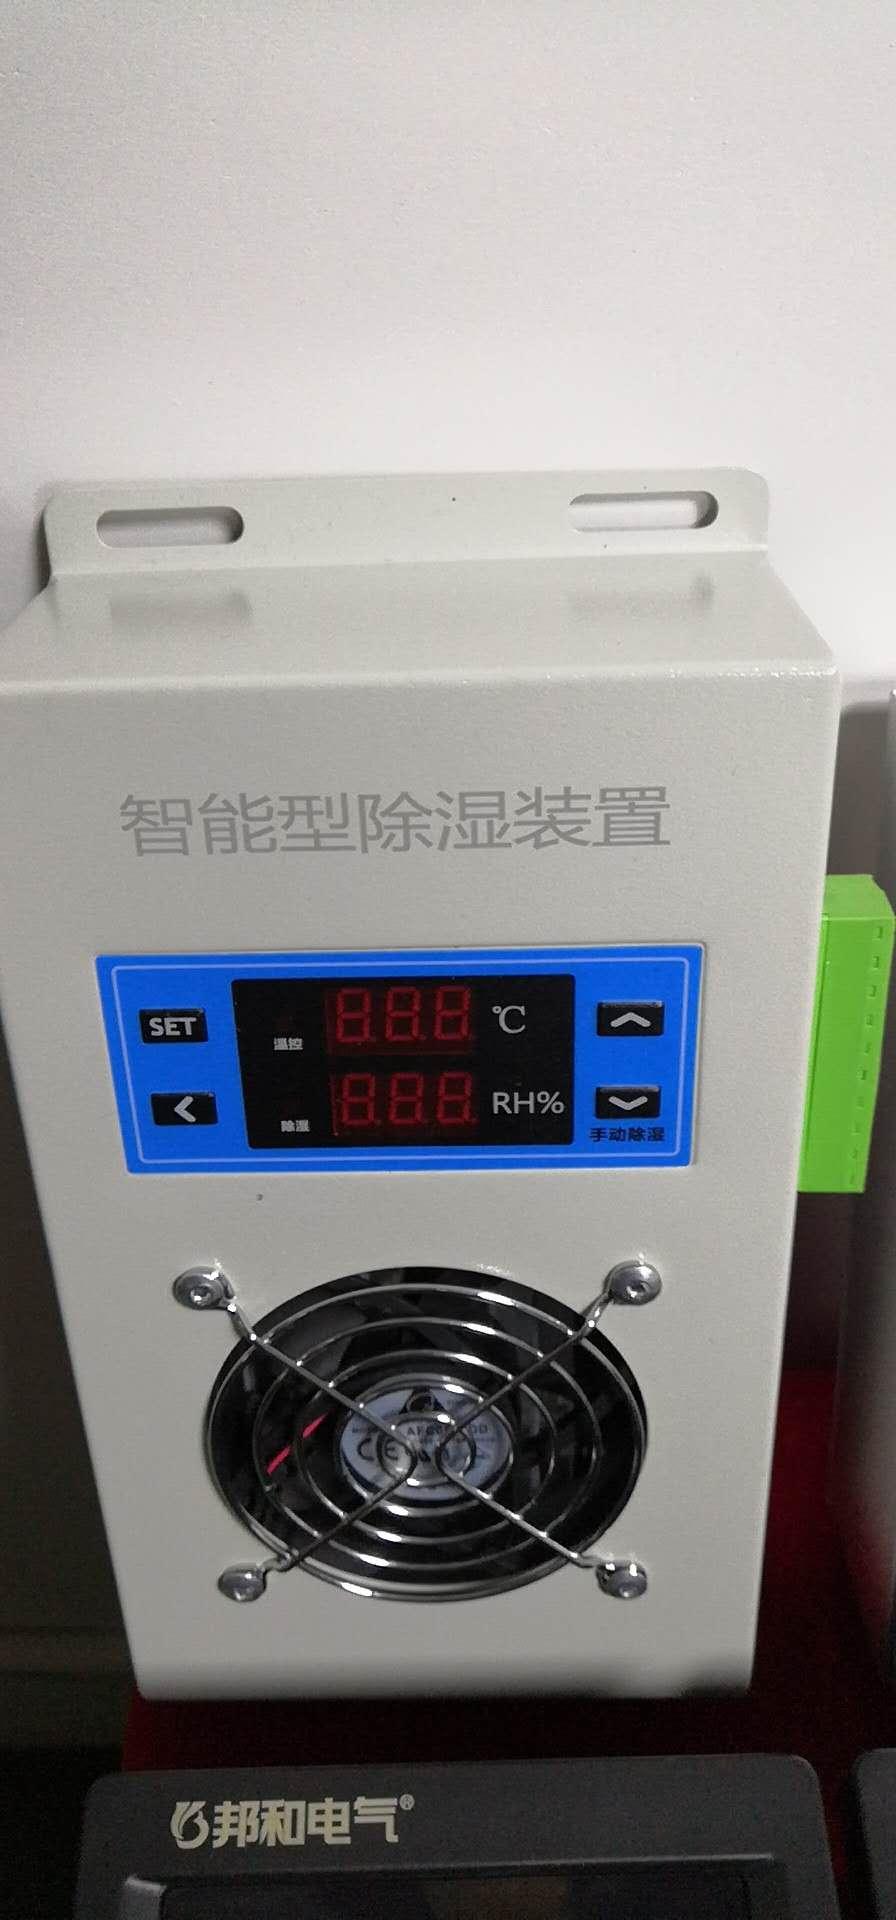 曲阜多功能仪表 FNB500加盟费多少?